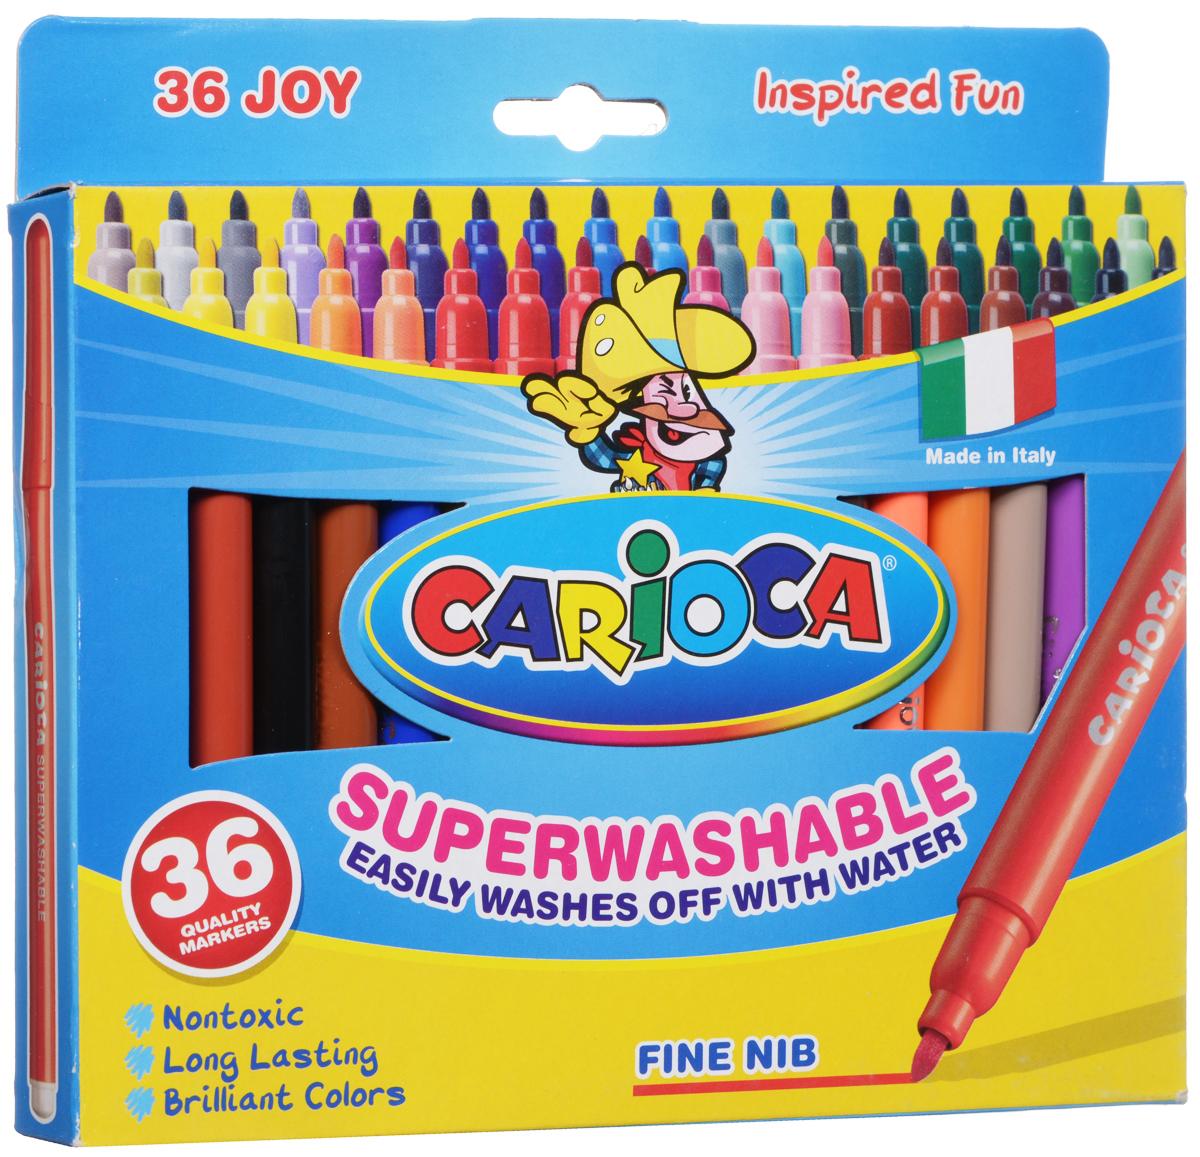 Набор фломастеров Carioca Joy, 36 цветов40616/36Набор Carioca Joy состоит из 36 разноцветных фломастеров, которые отлично подойдут и для школьных занятий, и просто для рисования. Фломастеры рисуют яркими насыщенными цветами. Чернила на водной основе легко смываются с кожи и отстирываются с большинства тканей. Корпус фломастеров изготовлен из полипропилена, а колпачок имеет специальные прорези, что обеспечивает вентилирование и еще больше увеличивает срок службы чернил и предотвращает их преждевременное высыхание.